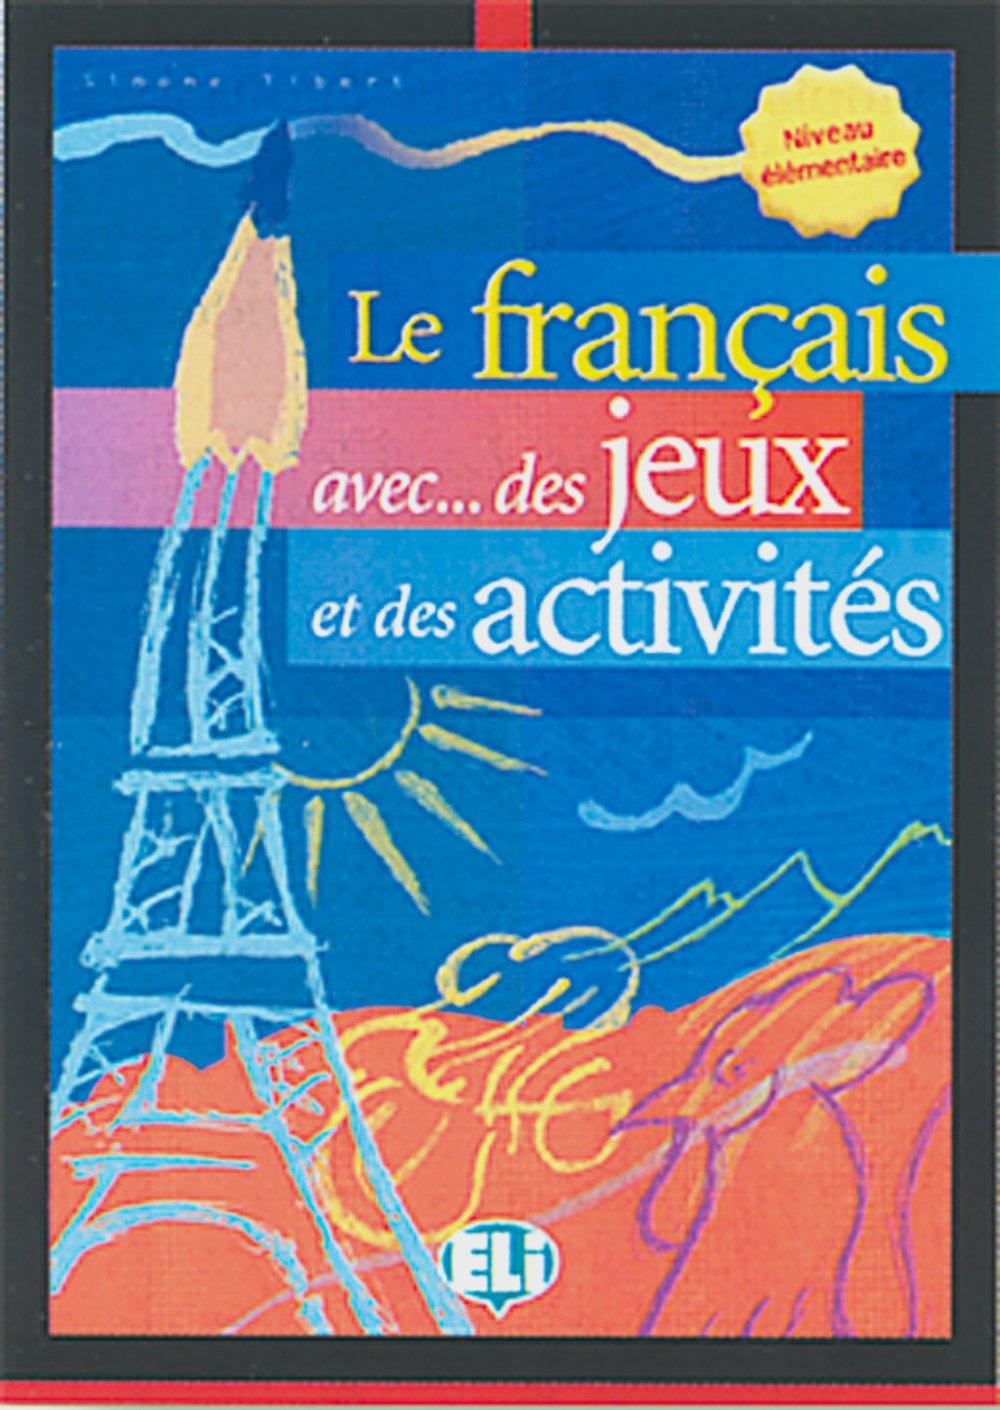 Le français avec des jeux et des activités